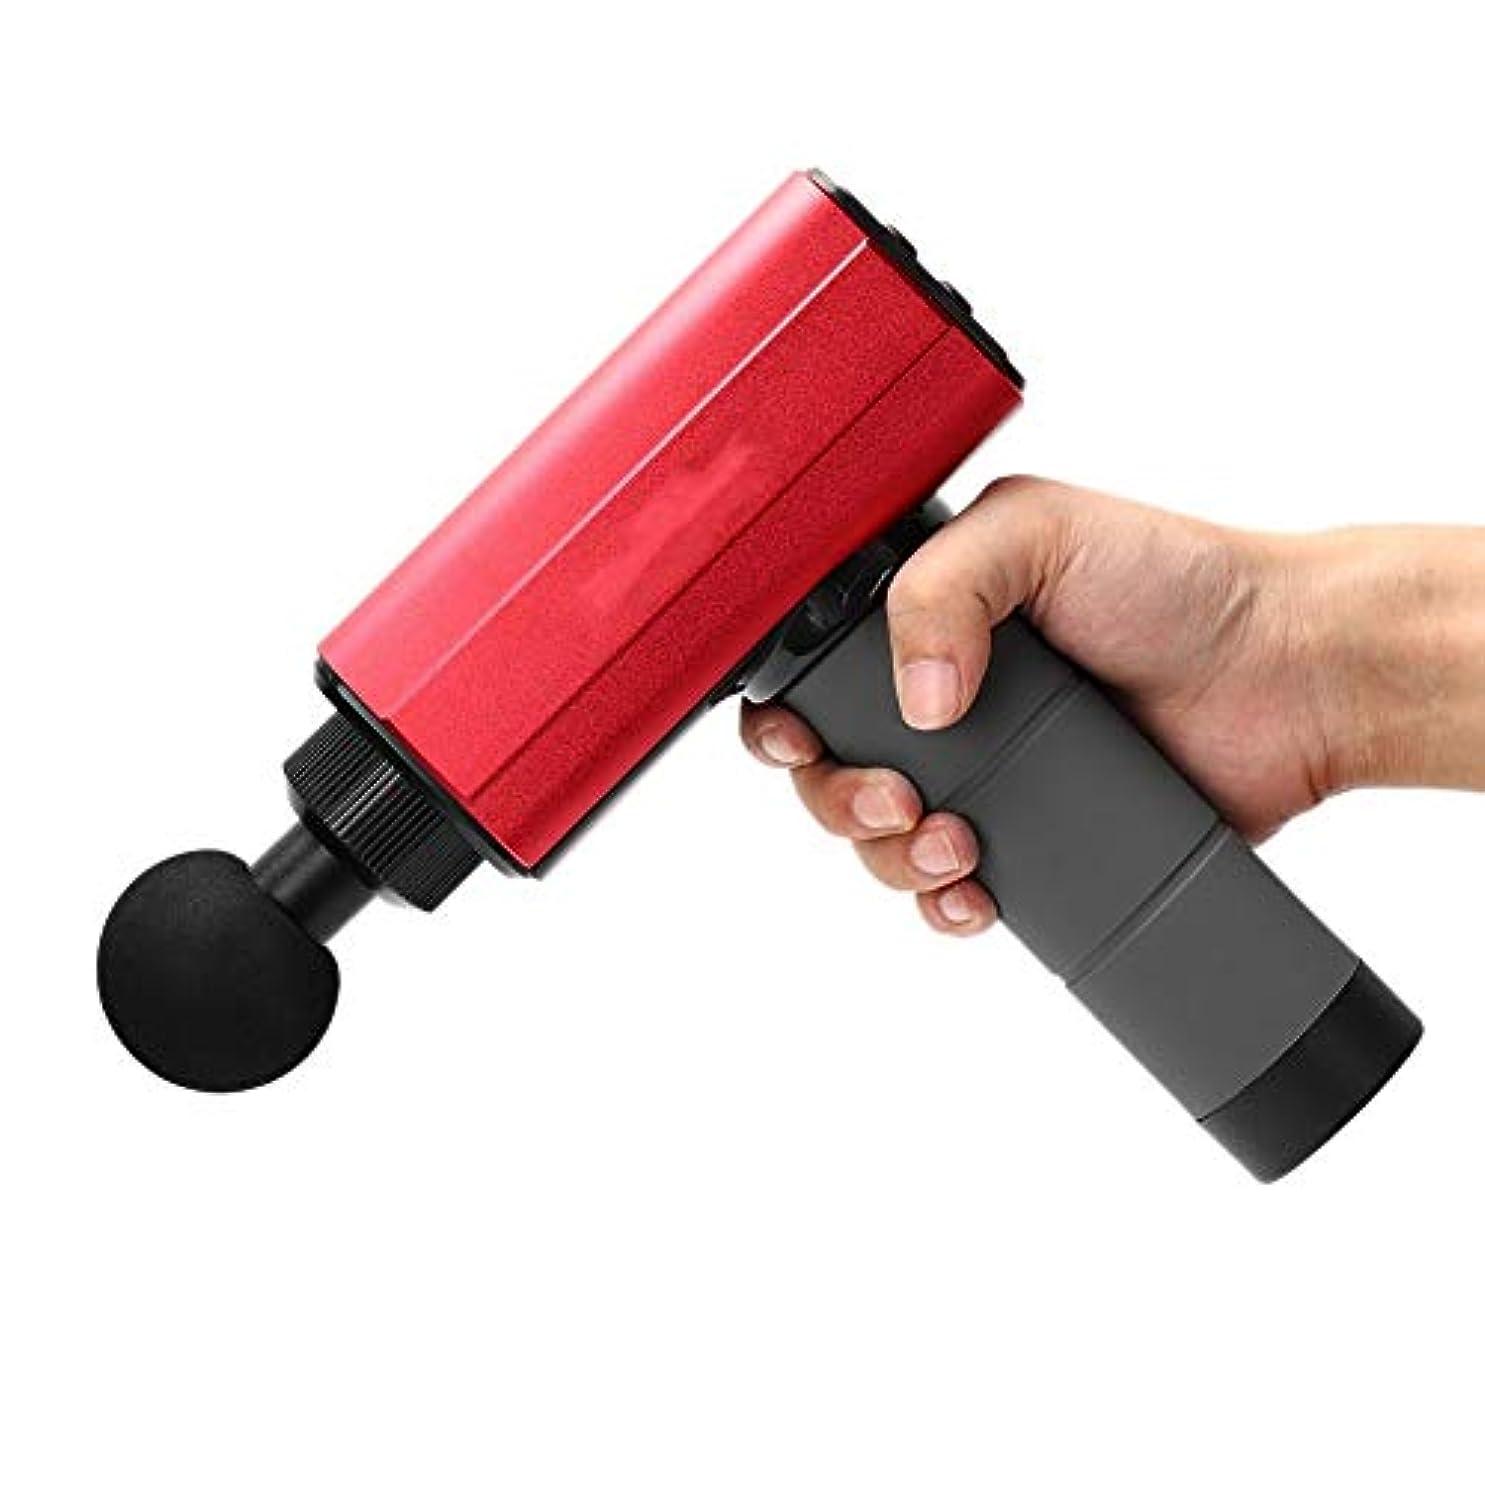 ユーモア望むアジテーション手持ち型の深いティッシュ筋肉マッサージャー銃の再充電可能なマッサージ装置、体の痛みのための専門のコードレスパーカッション(US Plug)